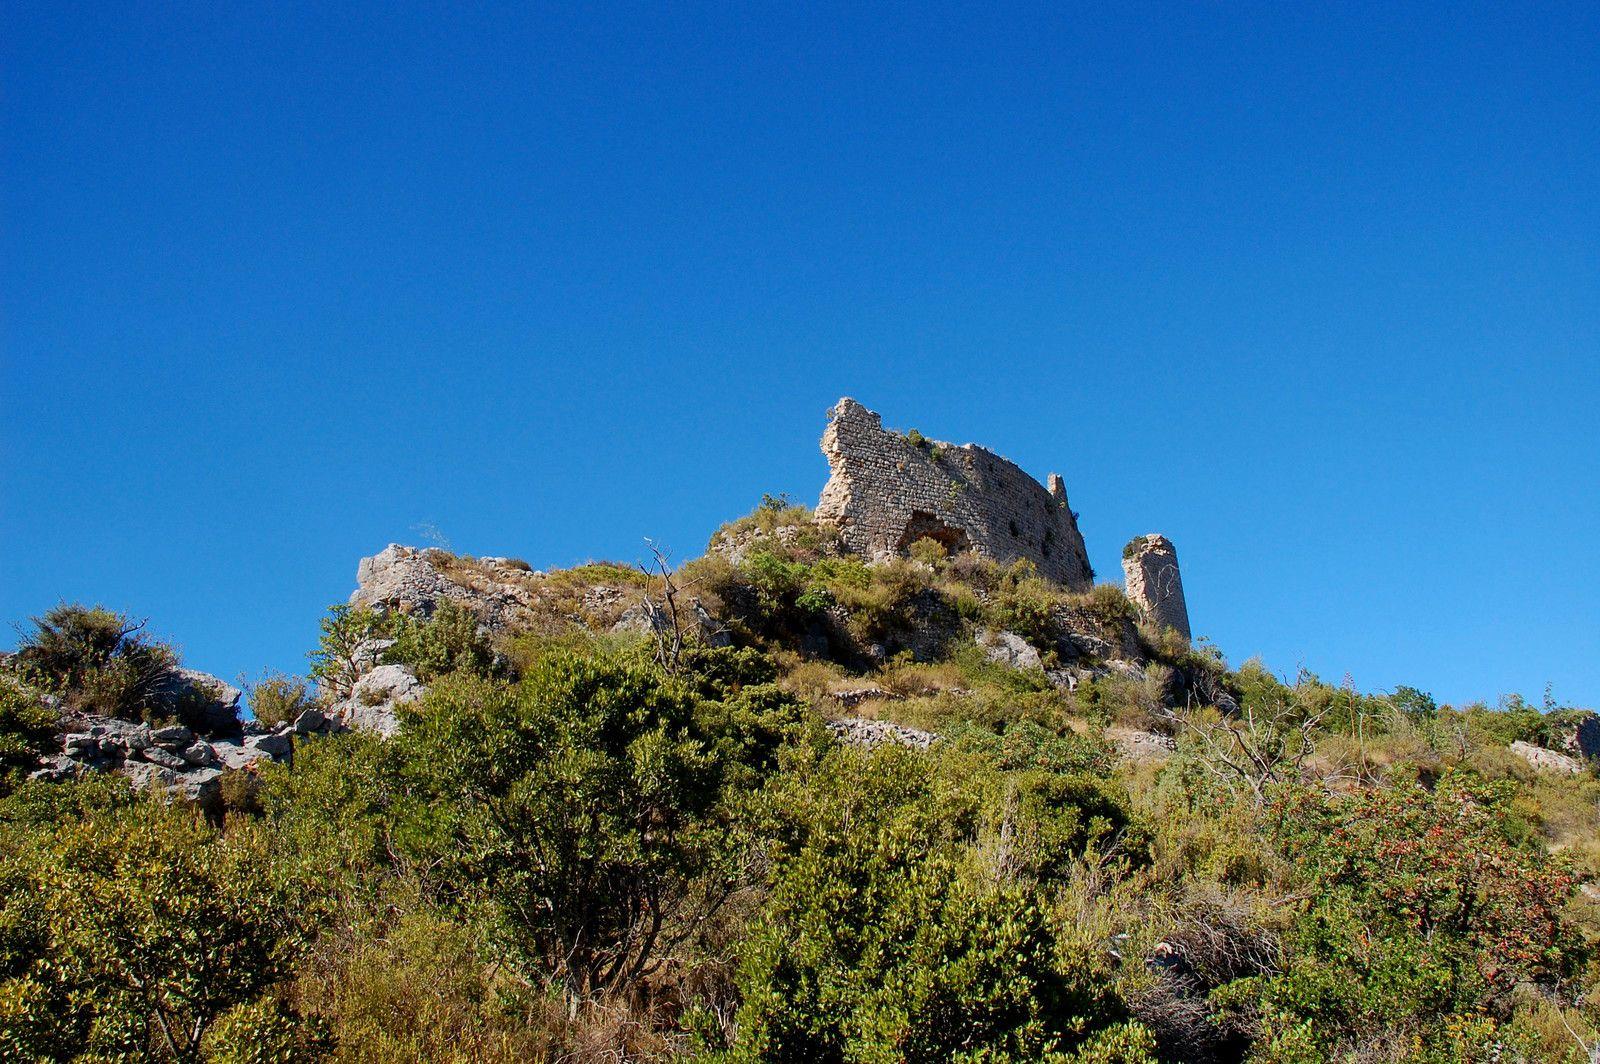 Le dos du château, la face la plus loin du sentier et puis d'en bas, je peux vous dire que le château devait être grand en voyant les vestiges des murs.